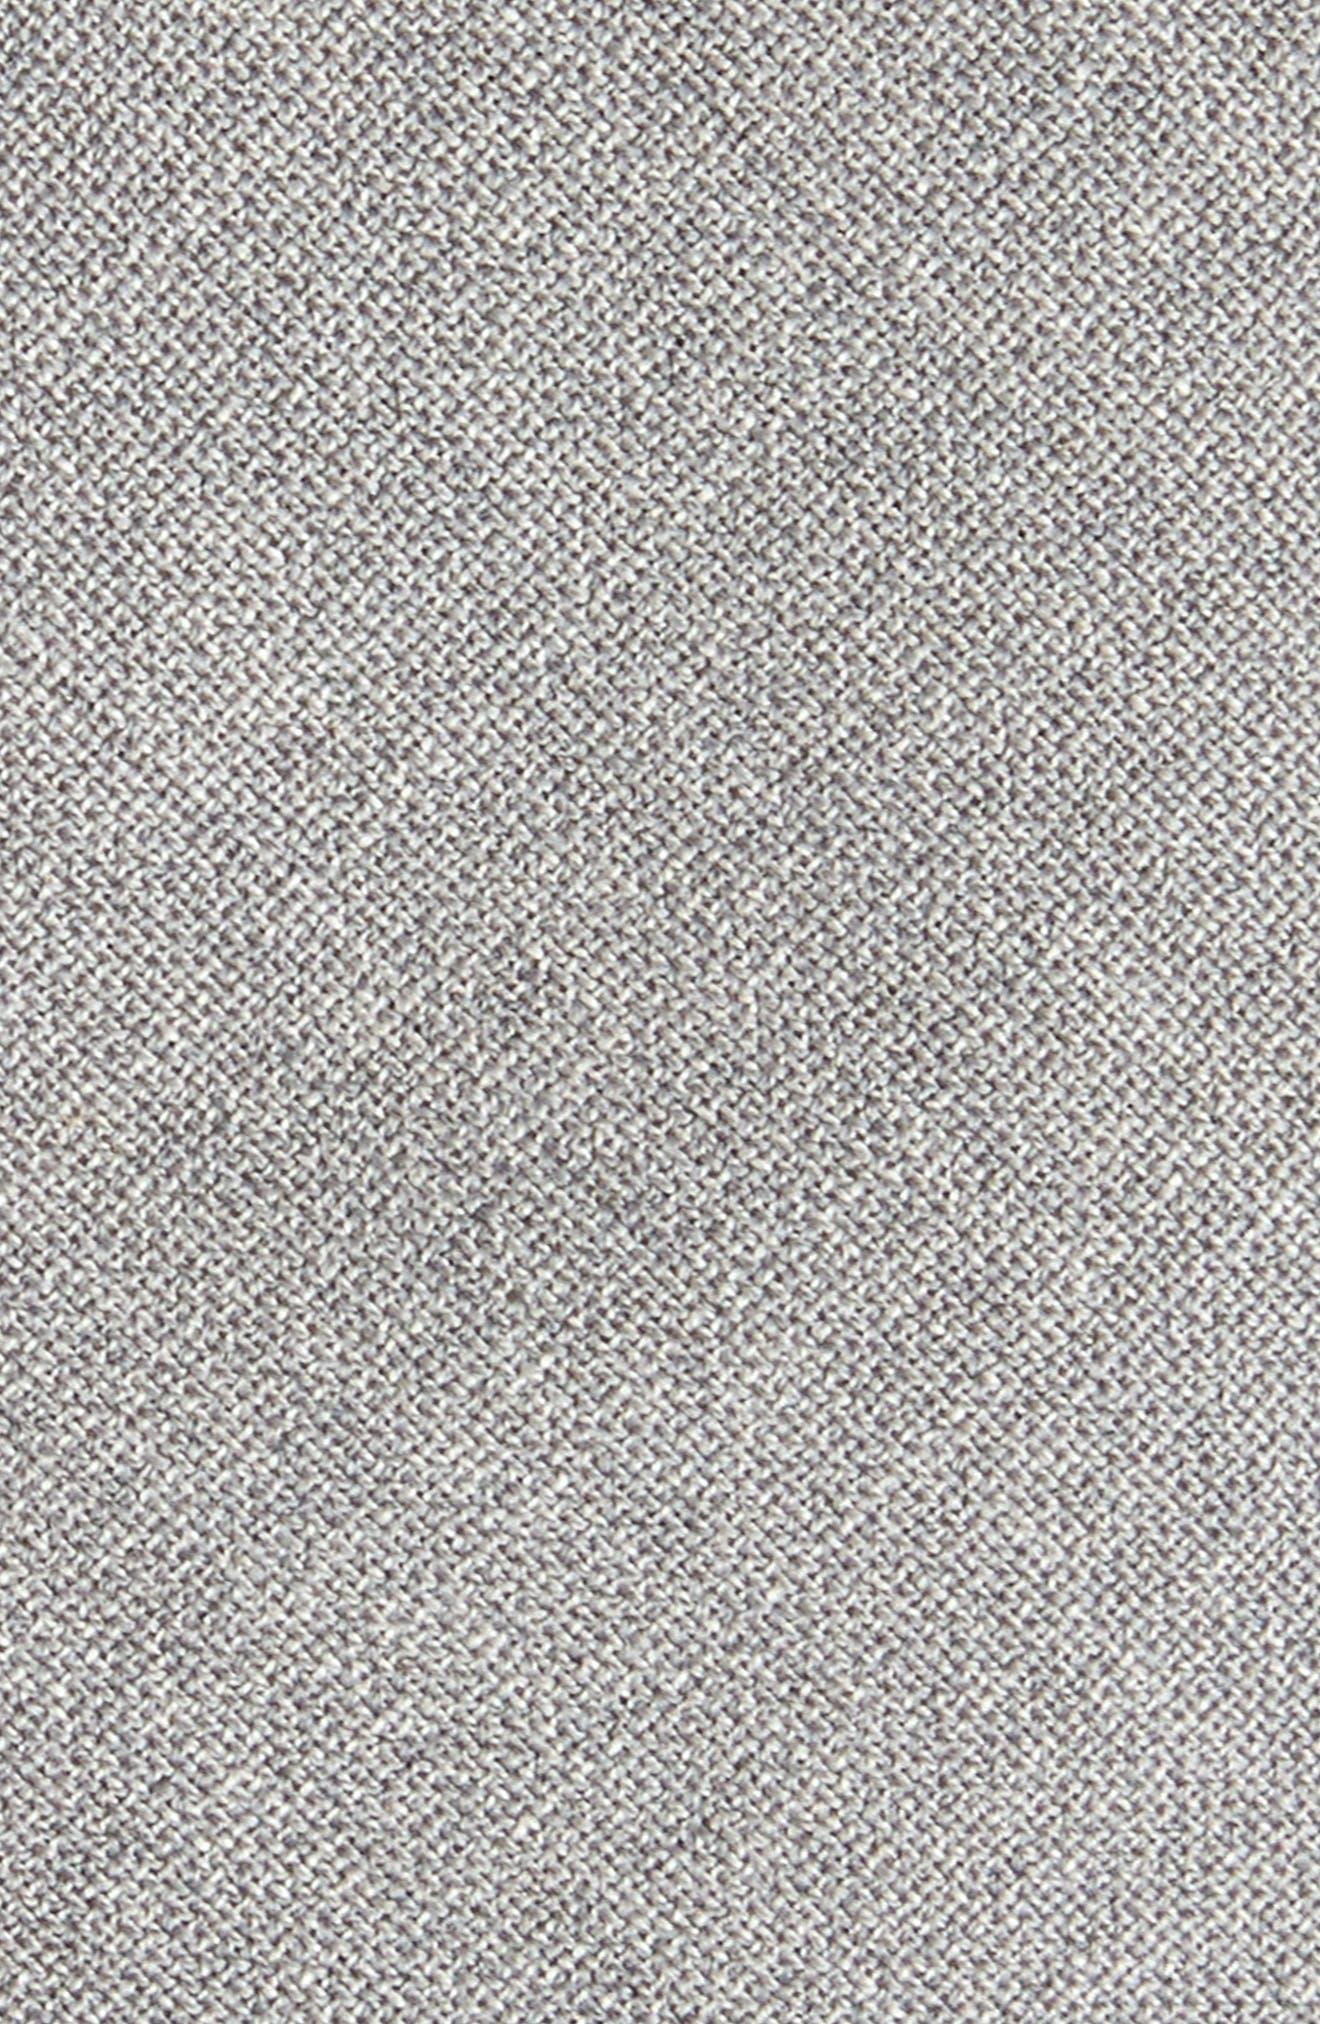 Jaspé Wool Skinny Tie,                             Alternate thumbnail 5, color,